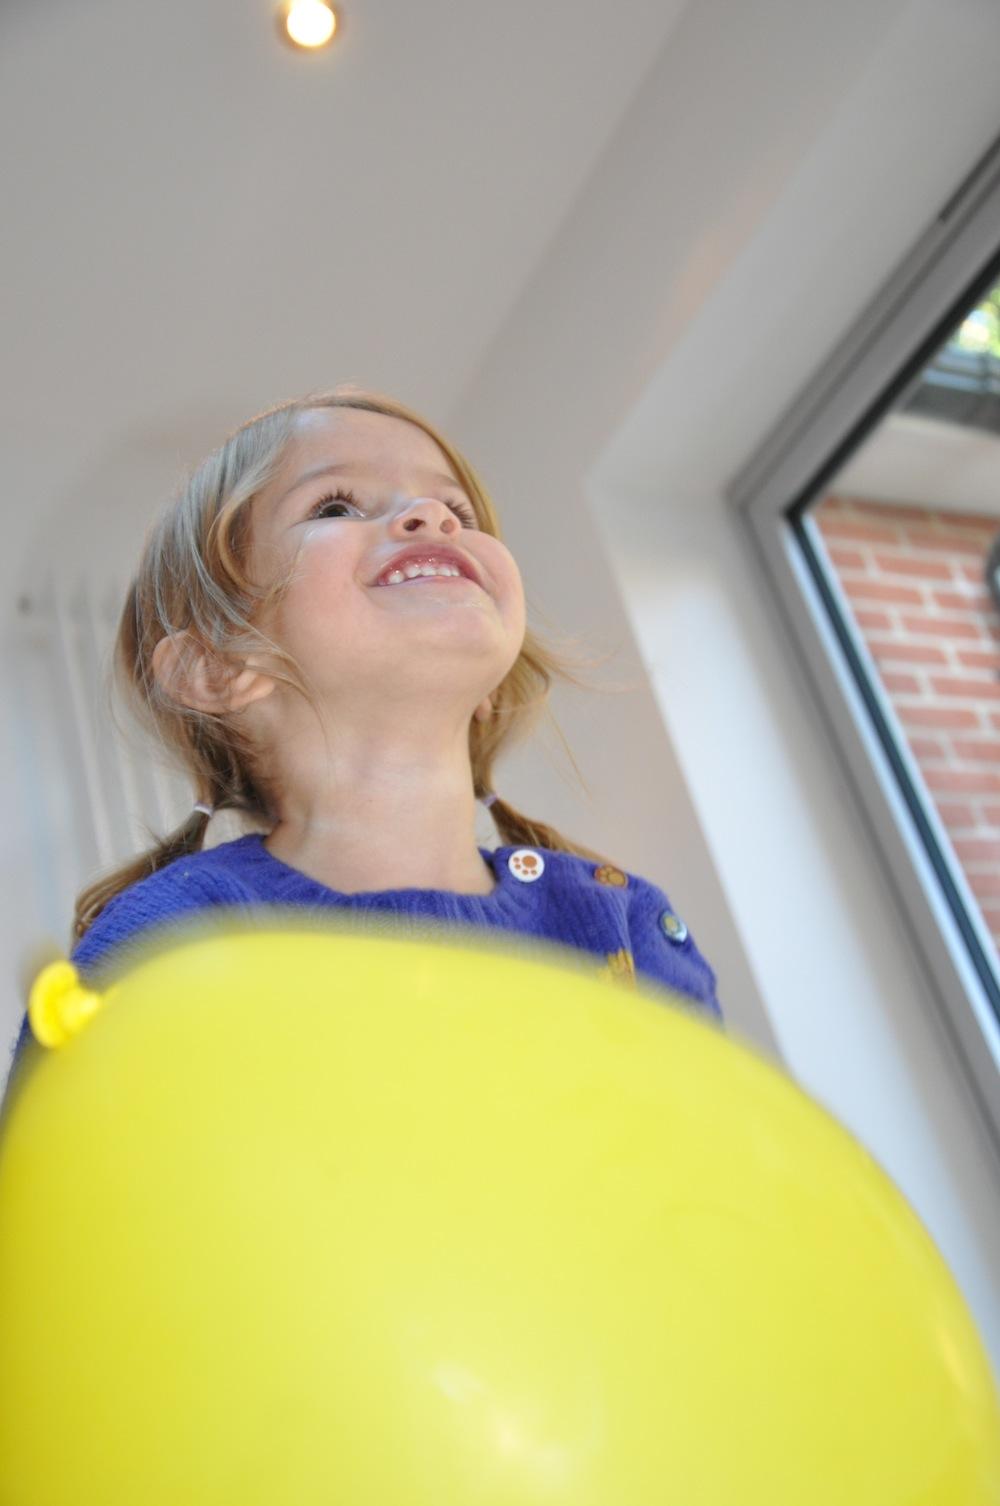 Kittyballoon